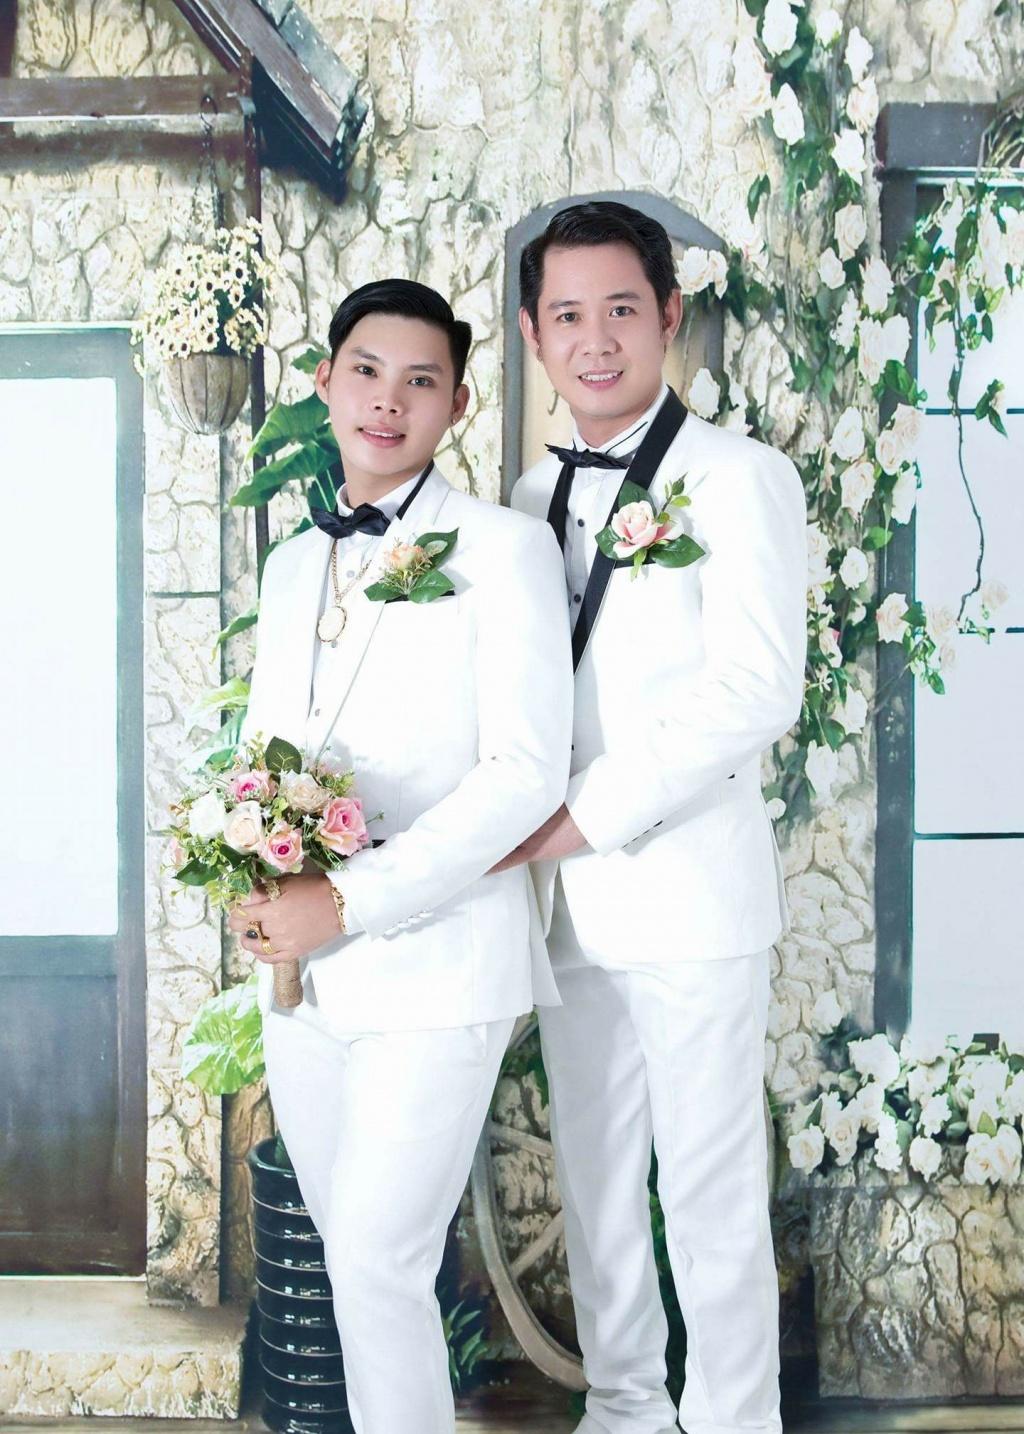 Bộ ảnh cưới \u0027chuyện tình online\u0027 của cặp đồng tính nam điển trai